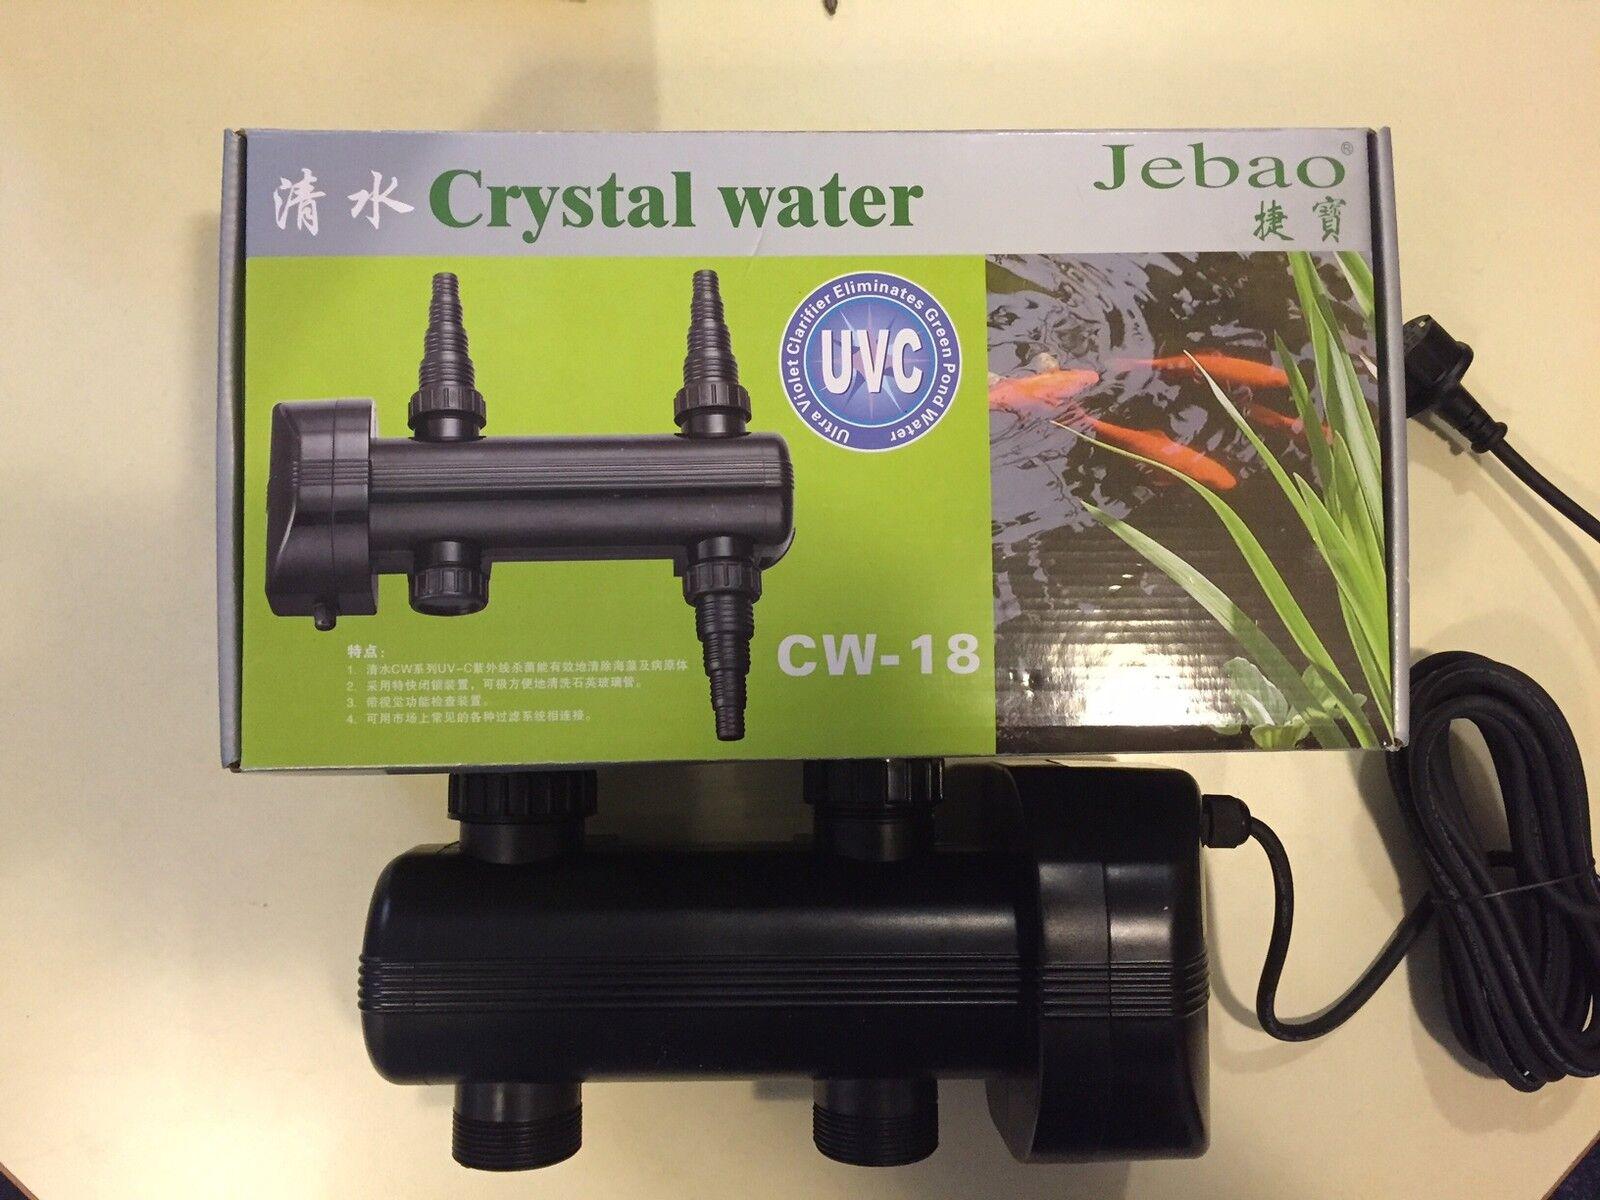 Rendimiento dispositivo 18 vatios, rendimiento nítido bomba estanque filtro de estanque,